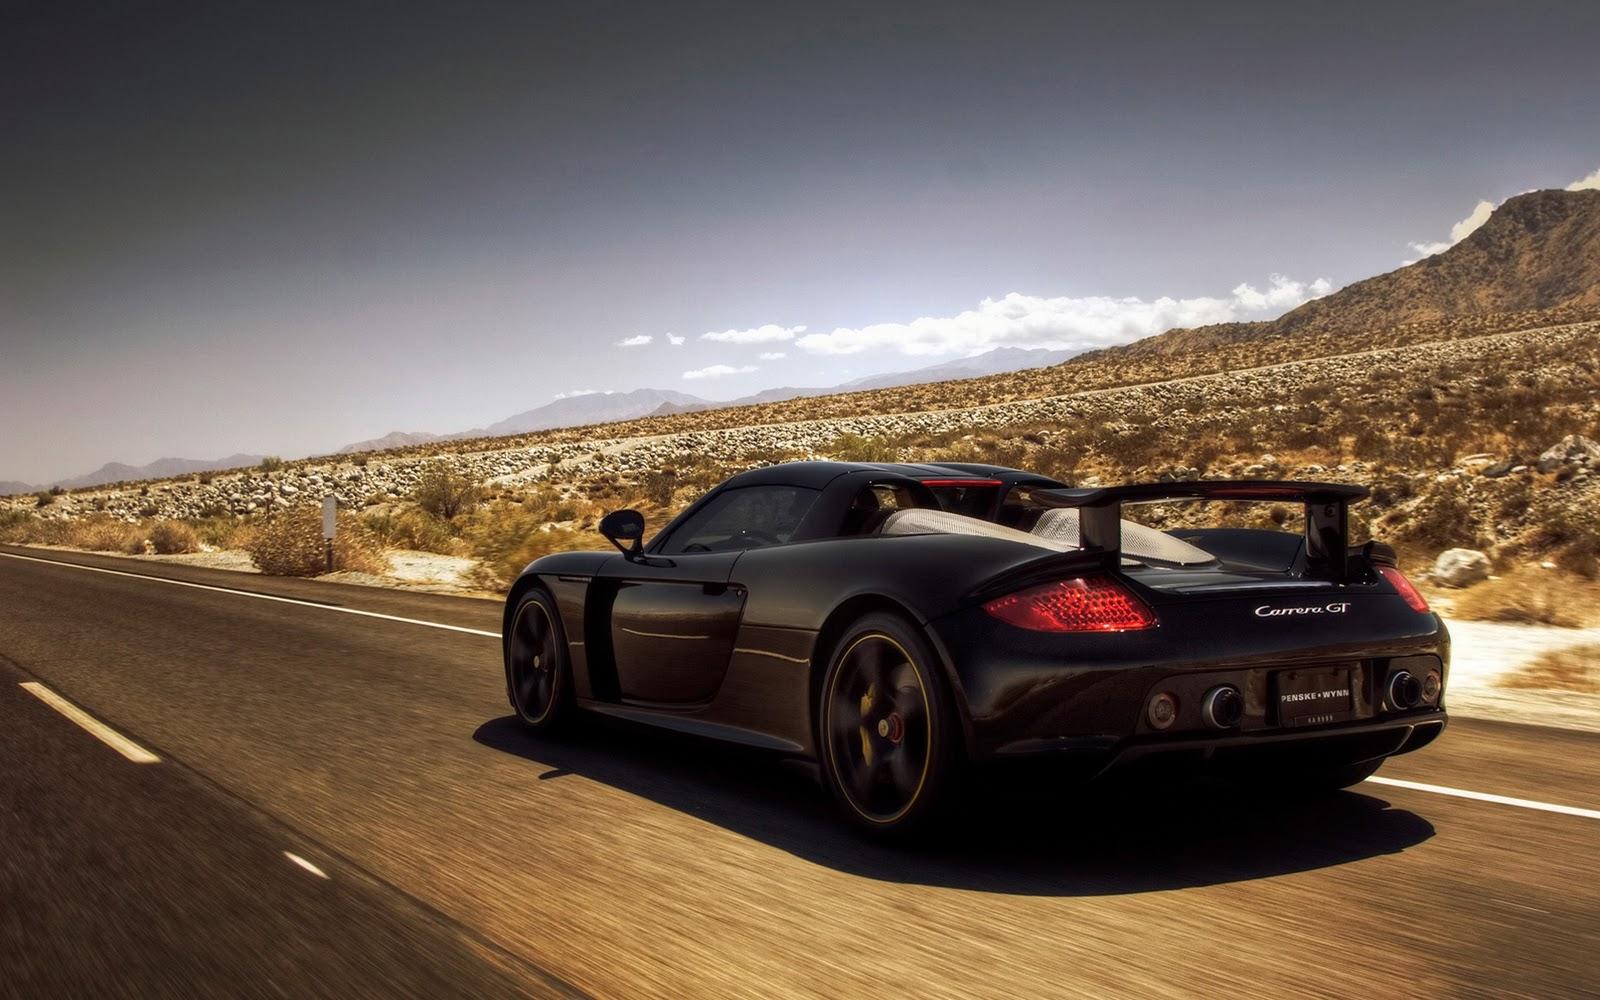 http://2.bp.blogspot.com/_2U3U6AwE-ZQ/TOfnpkD0PpI/AAAAAAAAAcw/JoG2jUK2U3I/s1600/Porsche_Carrera_GT.jpg